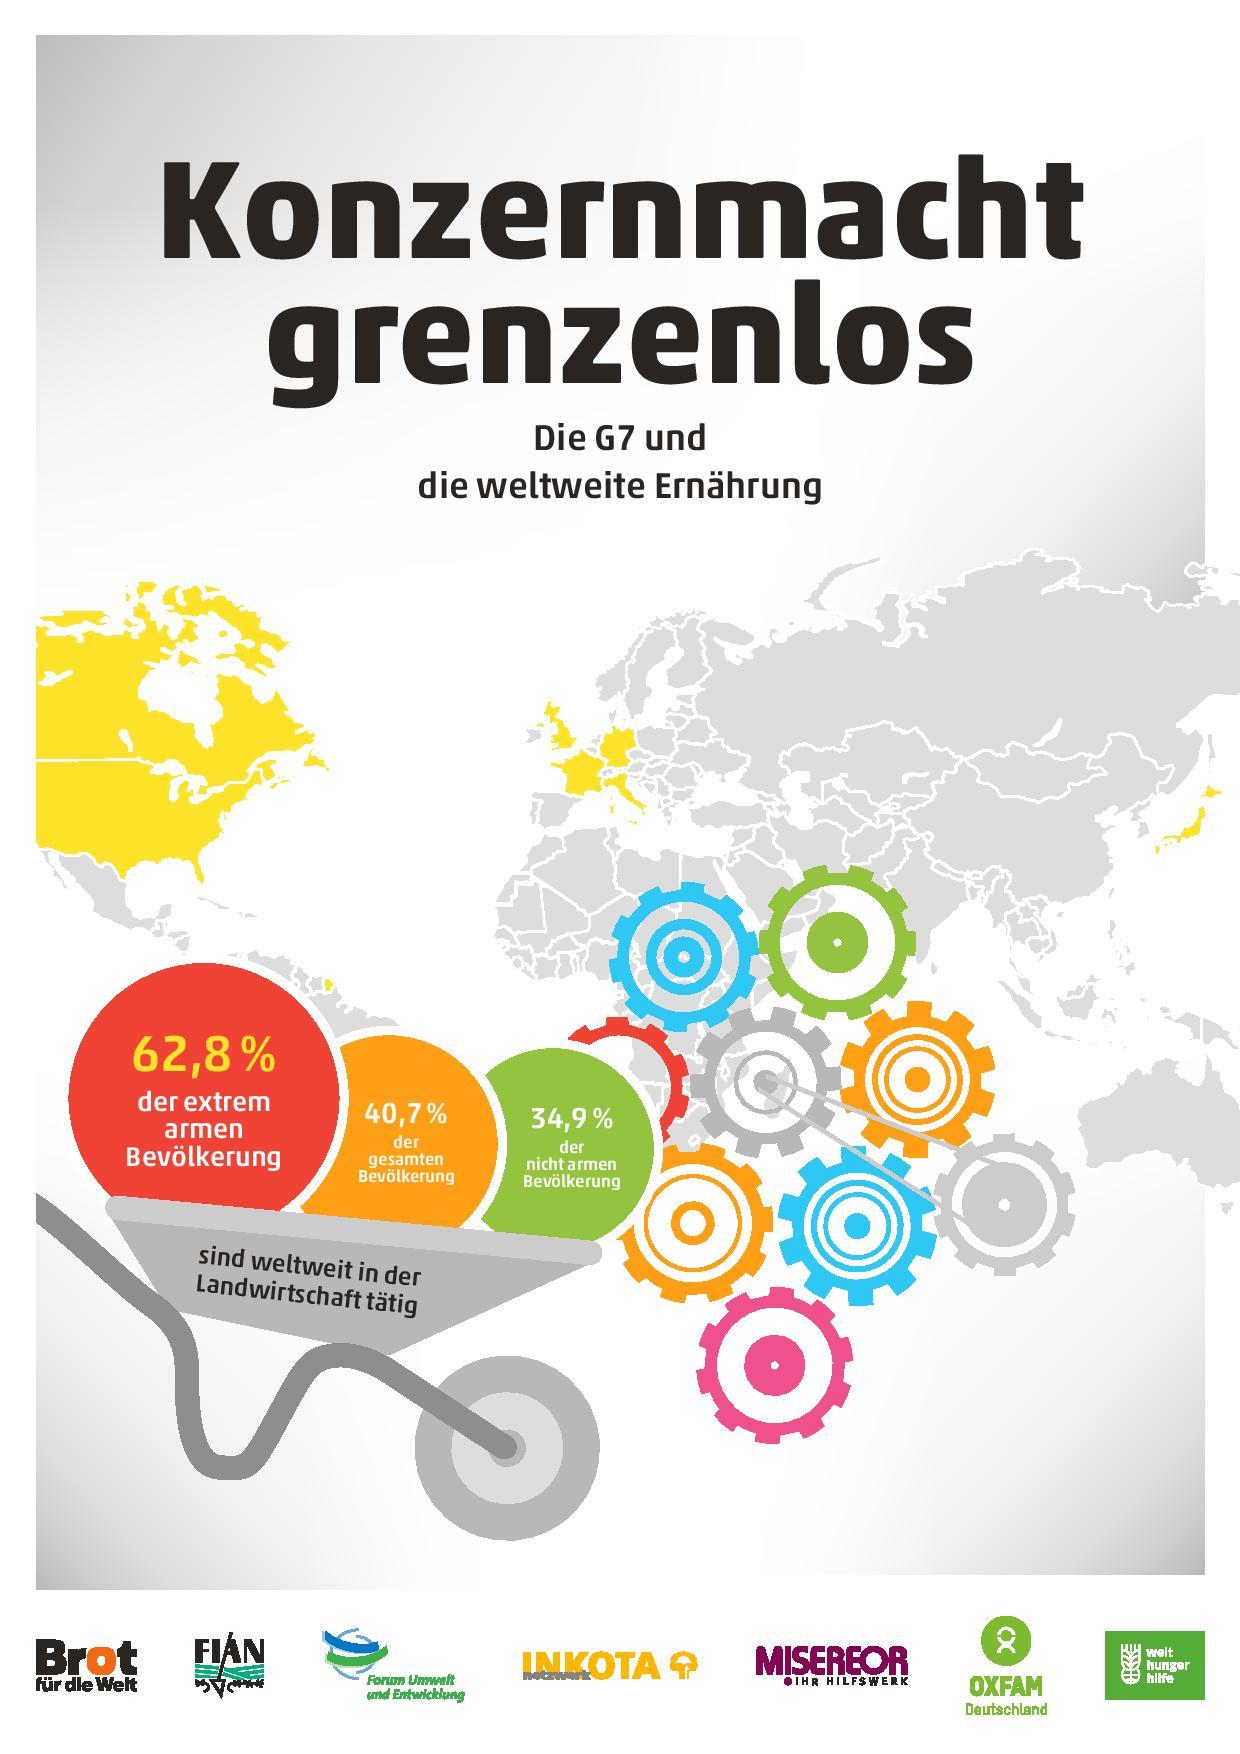 Konzernmacht_grenzenlos_Broschuere_A4_web-page-001